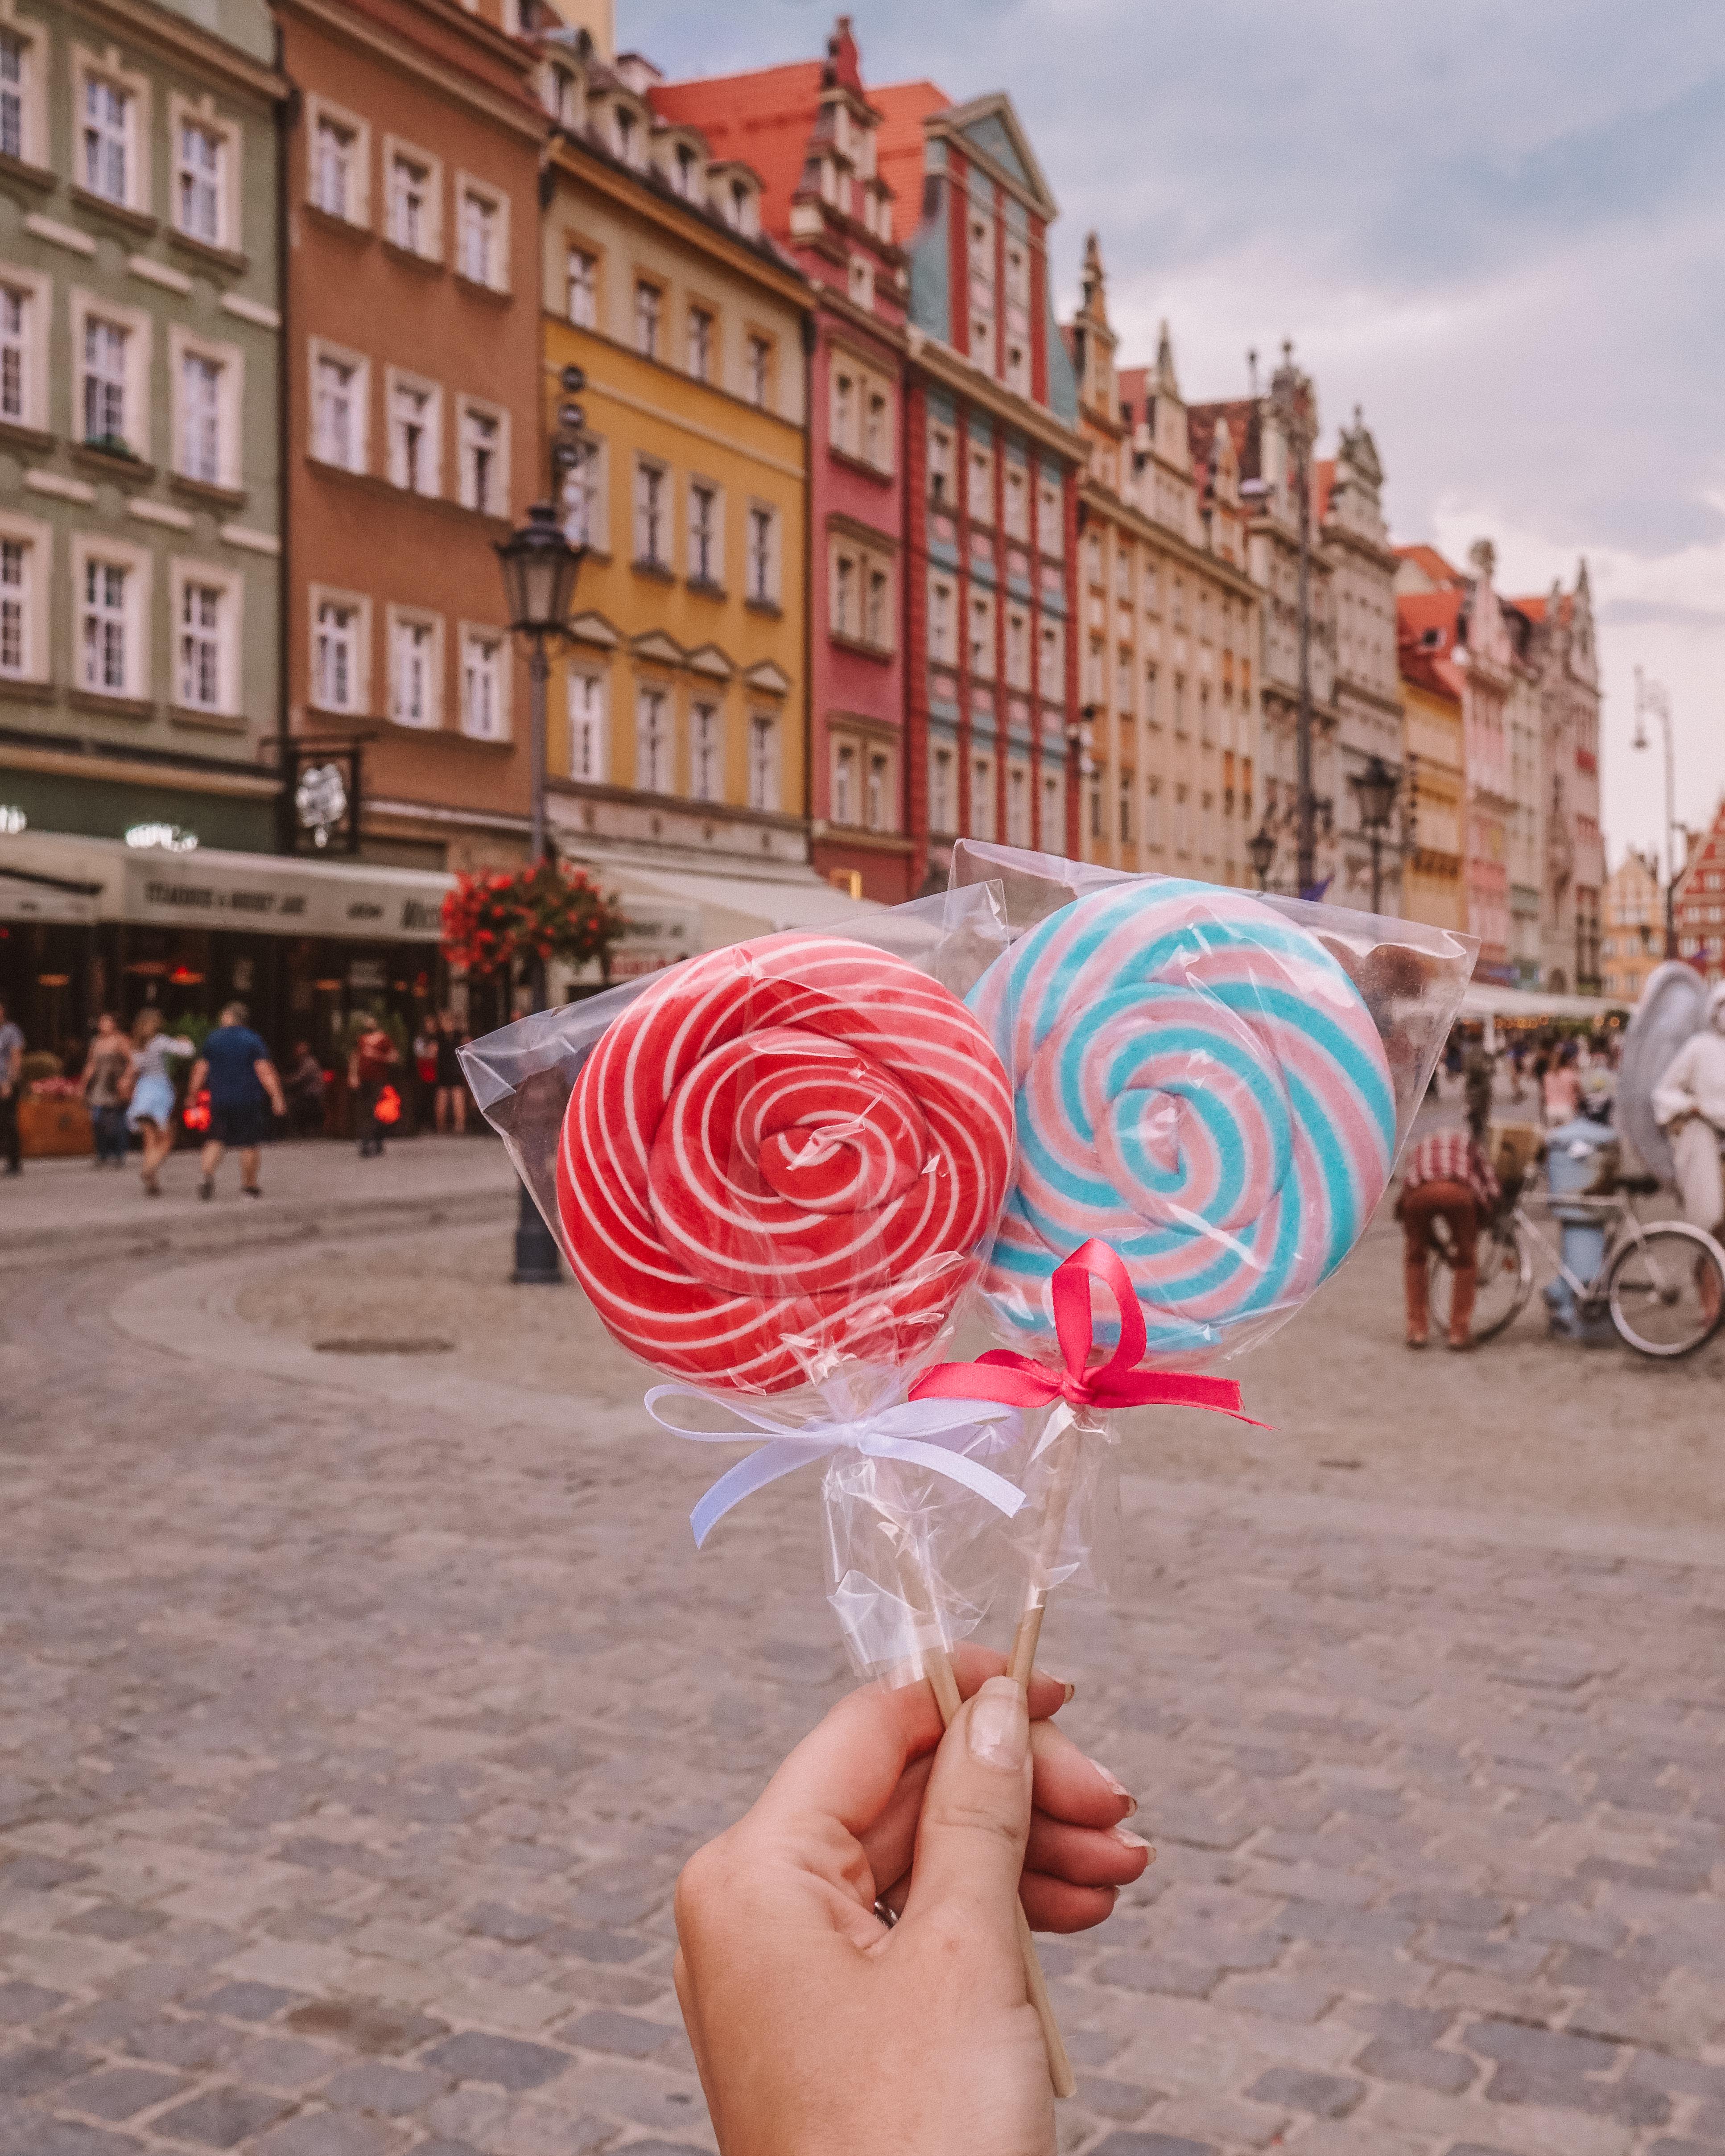 Wroclaw Market Square, Poland